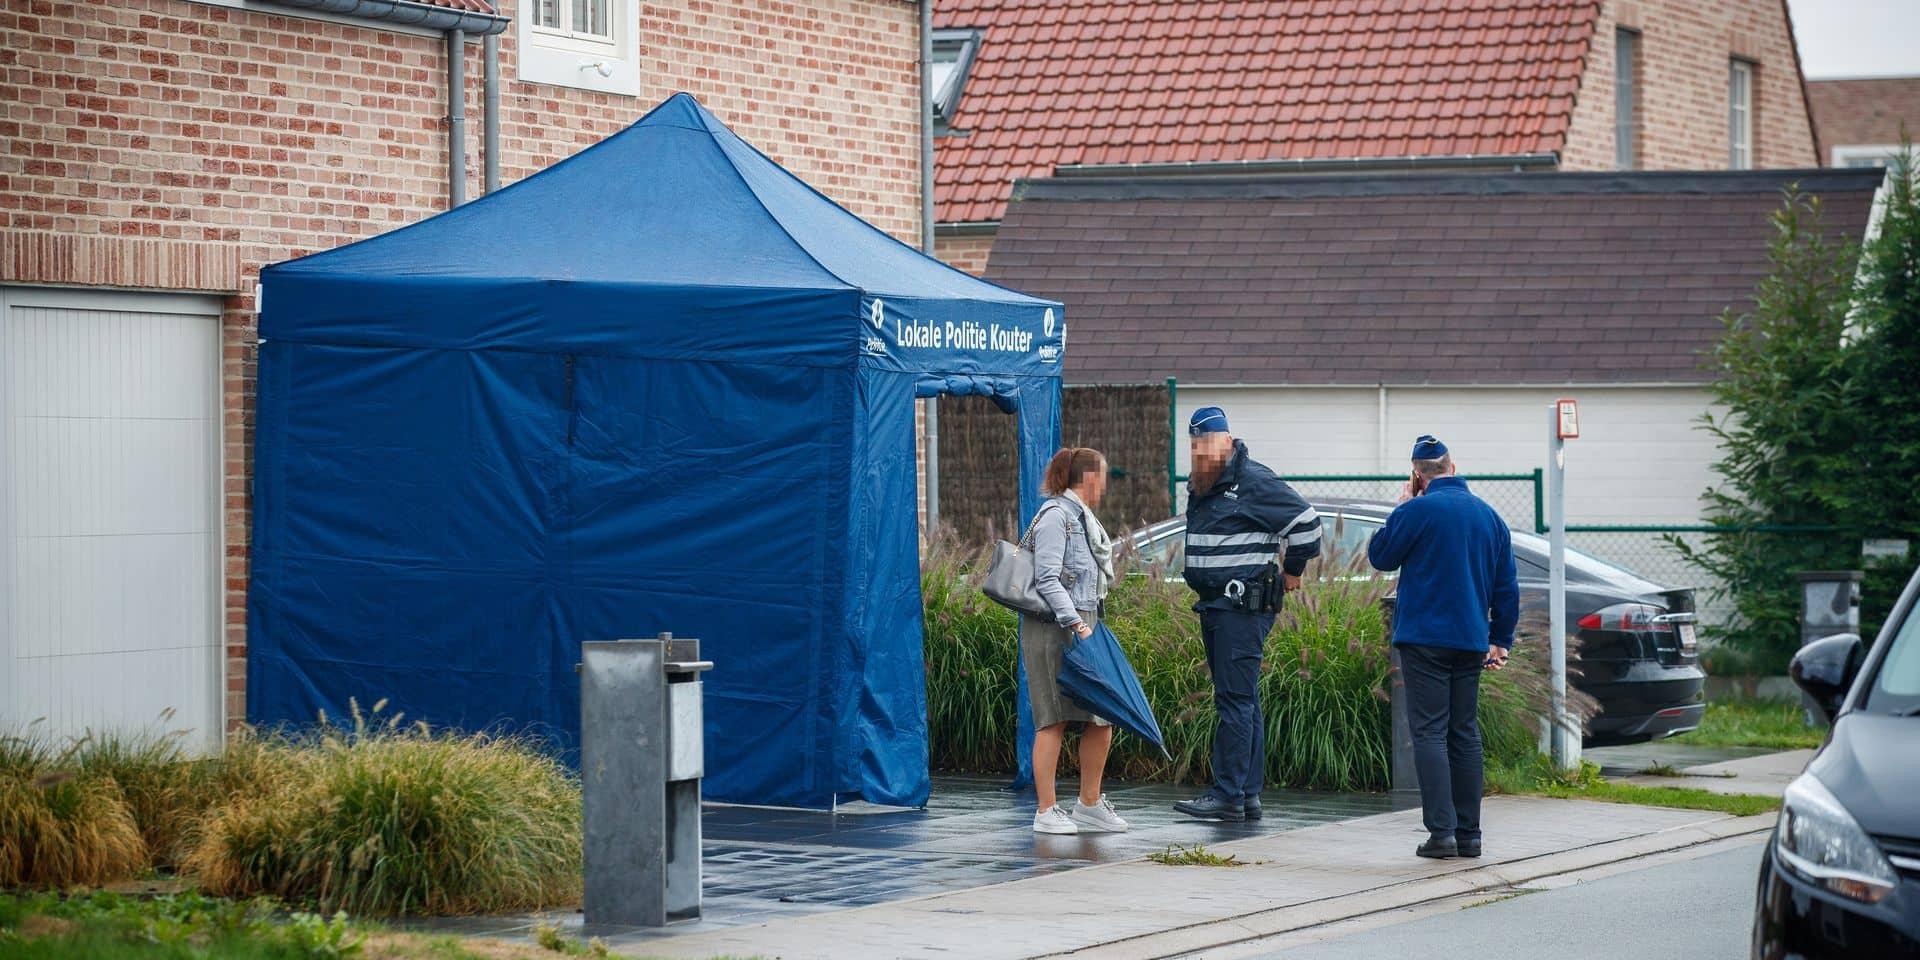 La mère de Varsenare sous mandat d'arrêt après la mort de ses trois enfants